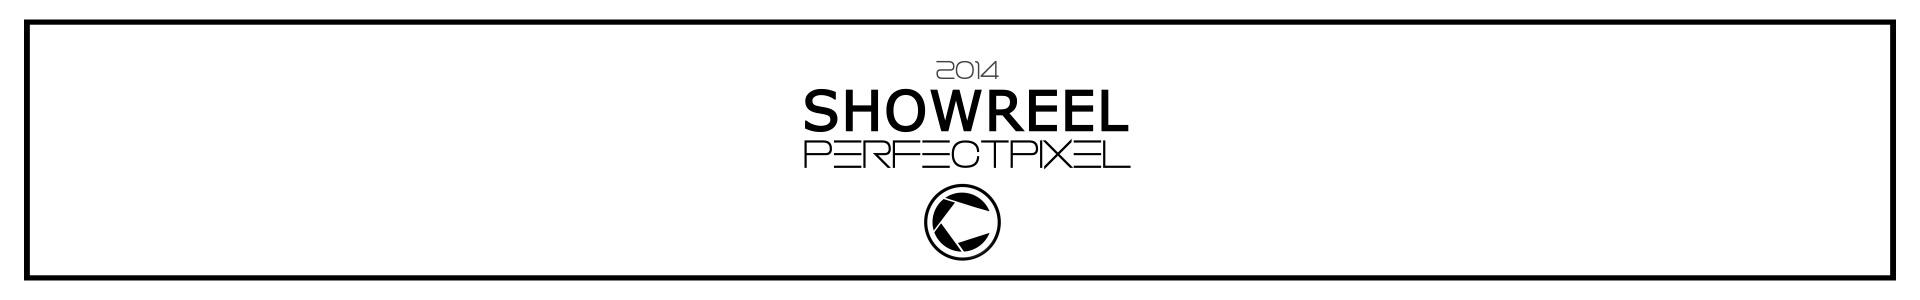 https://www.perfectpixel.es/wp-content/uploads/2014/12/PerfectPixel-Video-ShowReel-2014-Chapter-2-BgInv-2.jpg